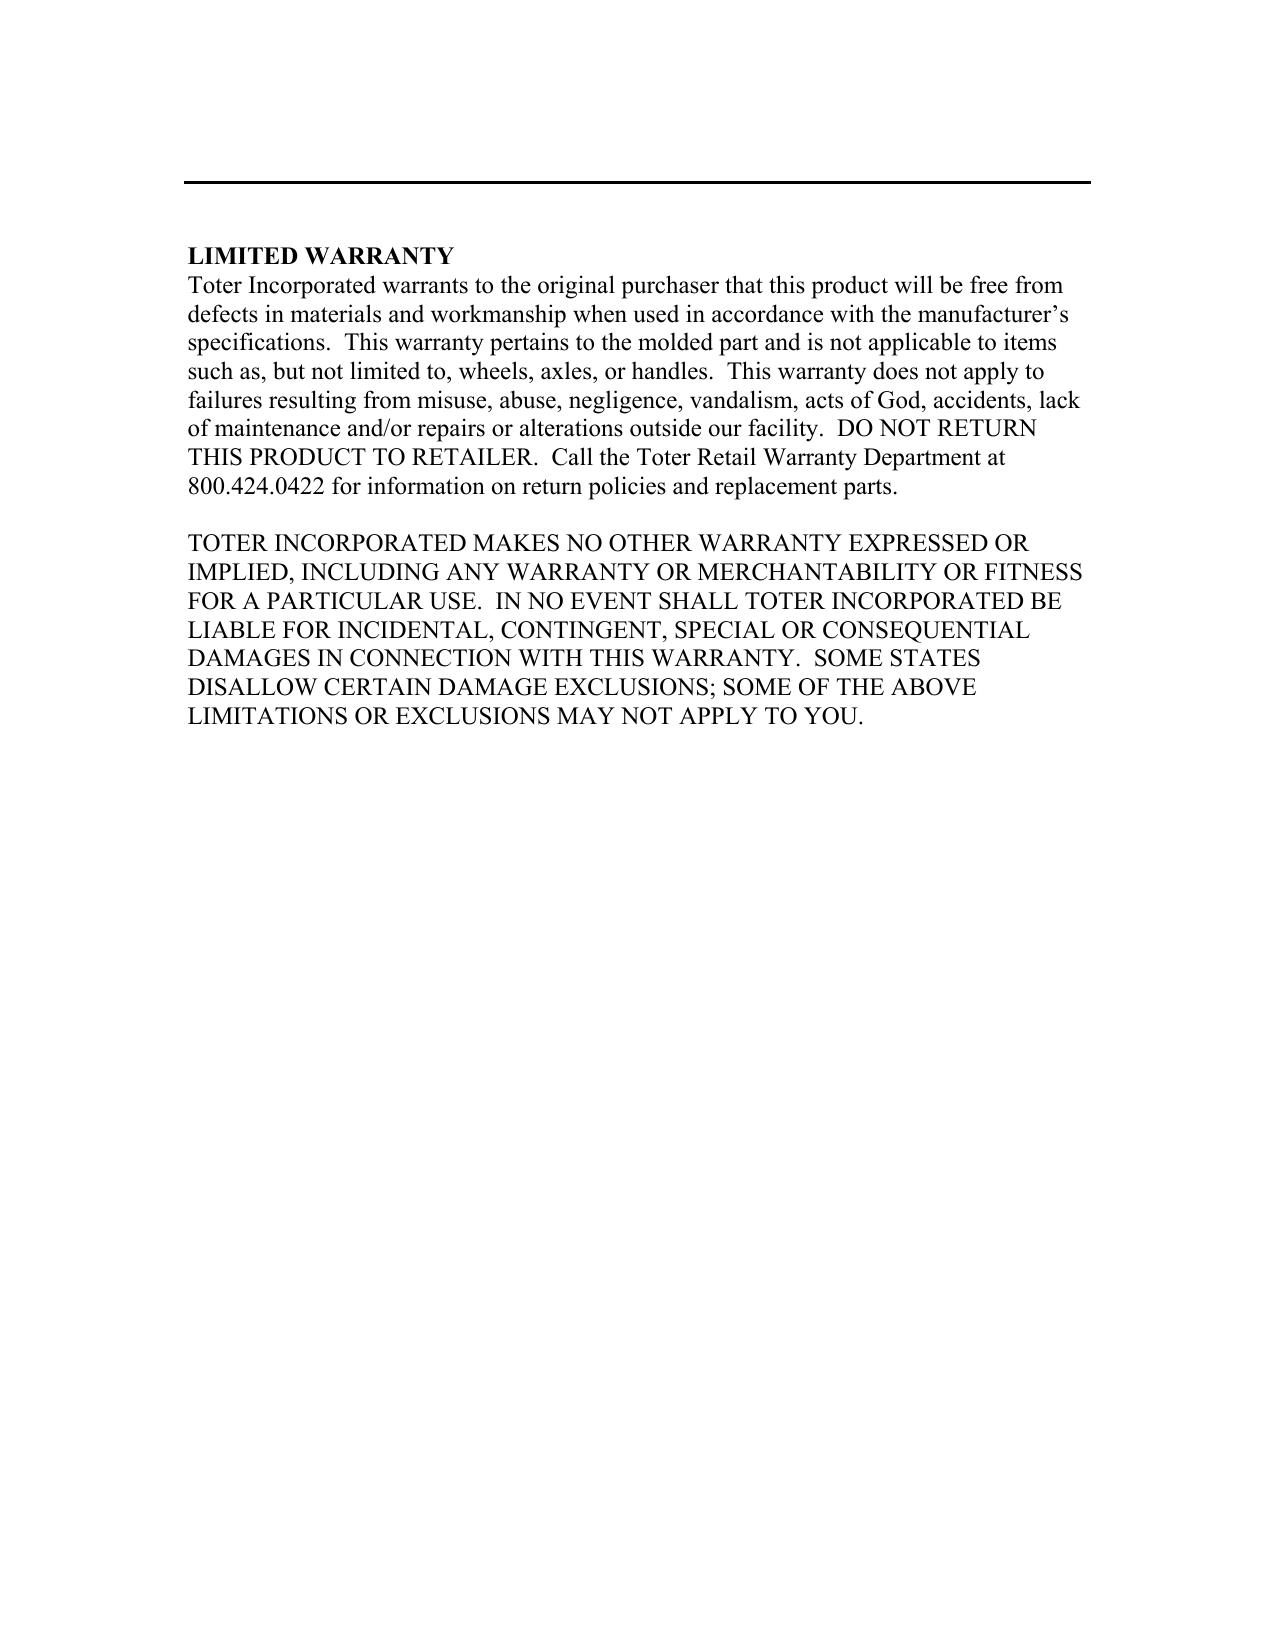 Warranty - pdf lowes com